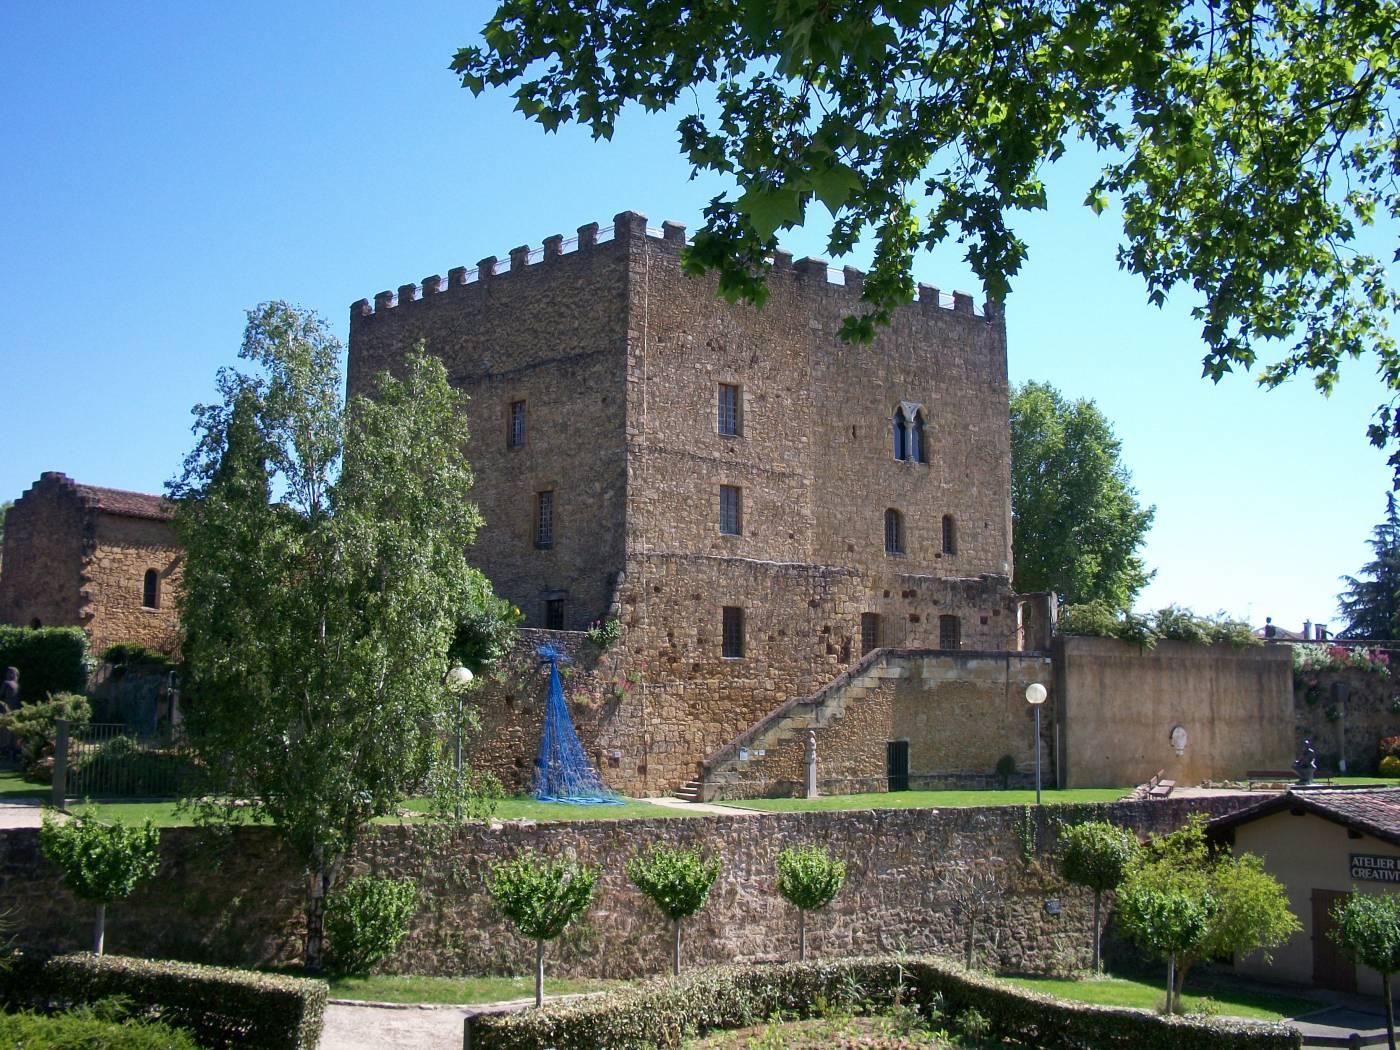 Visiter Mont-de-marsan et le donjon Lacataye